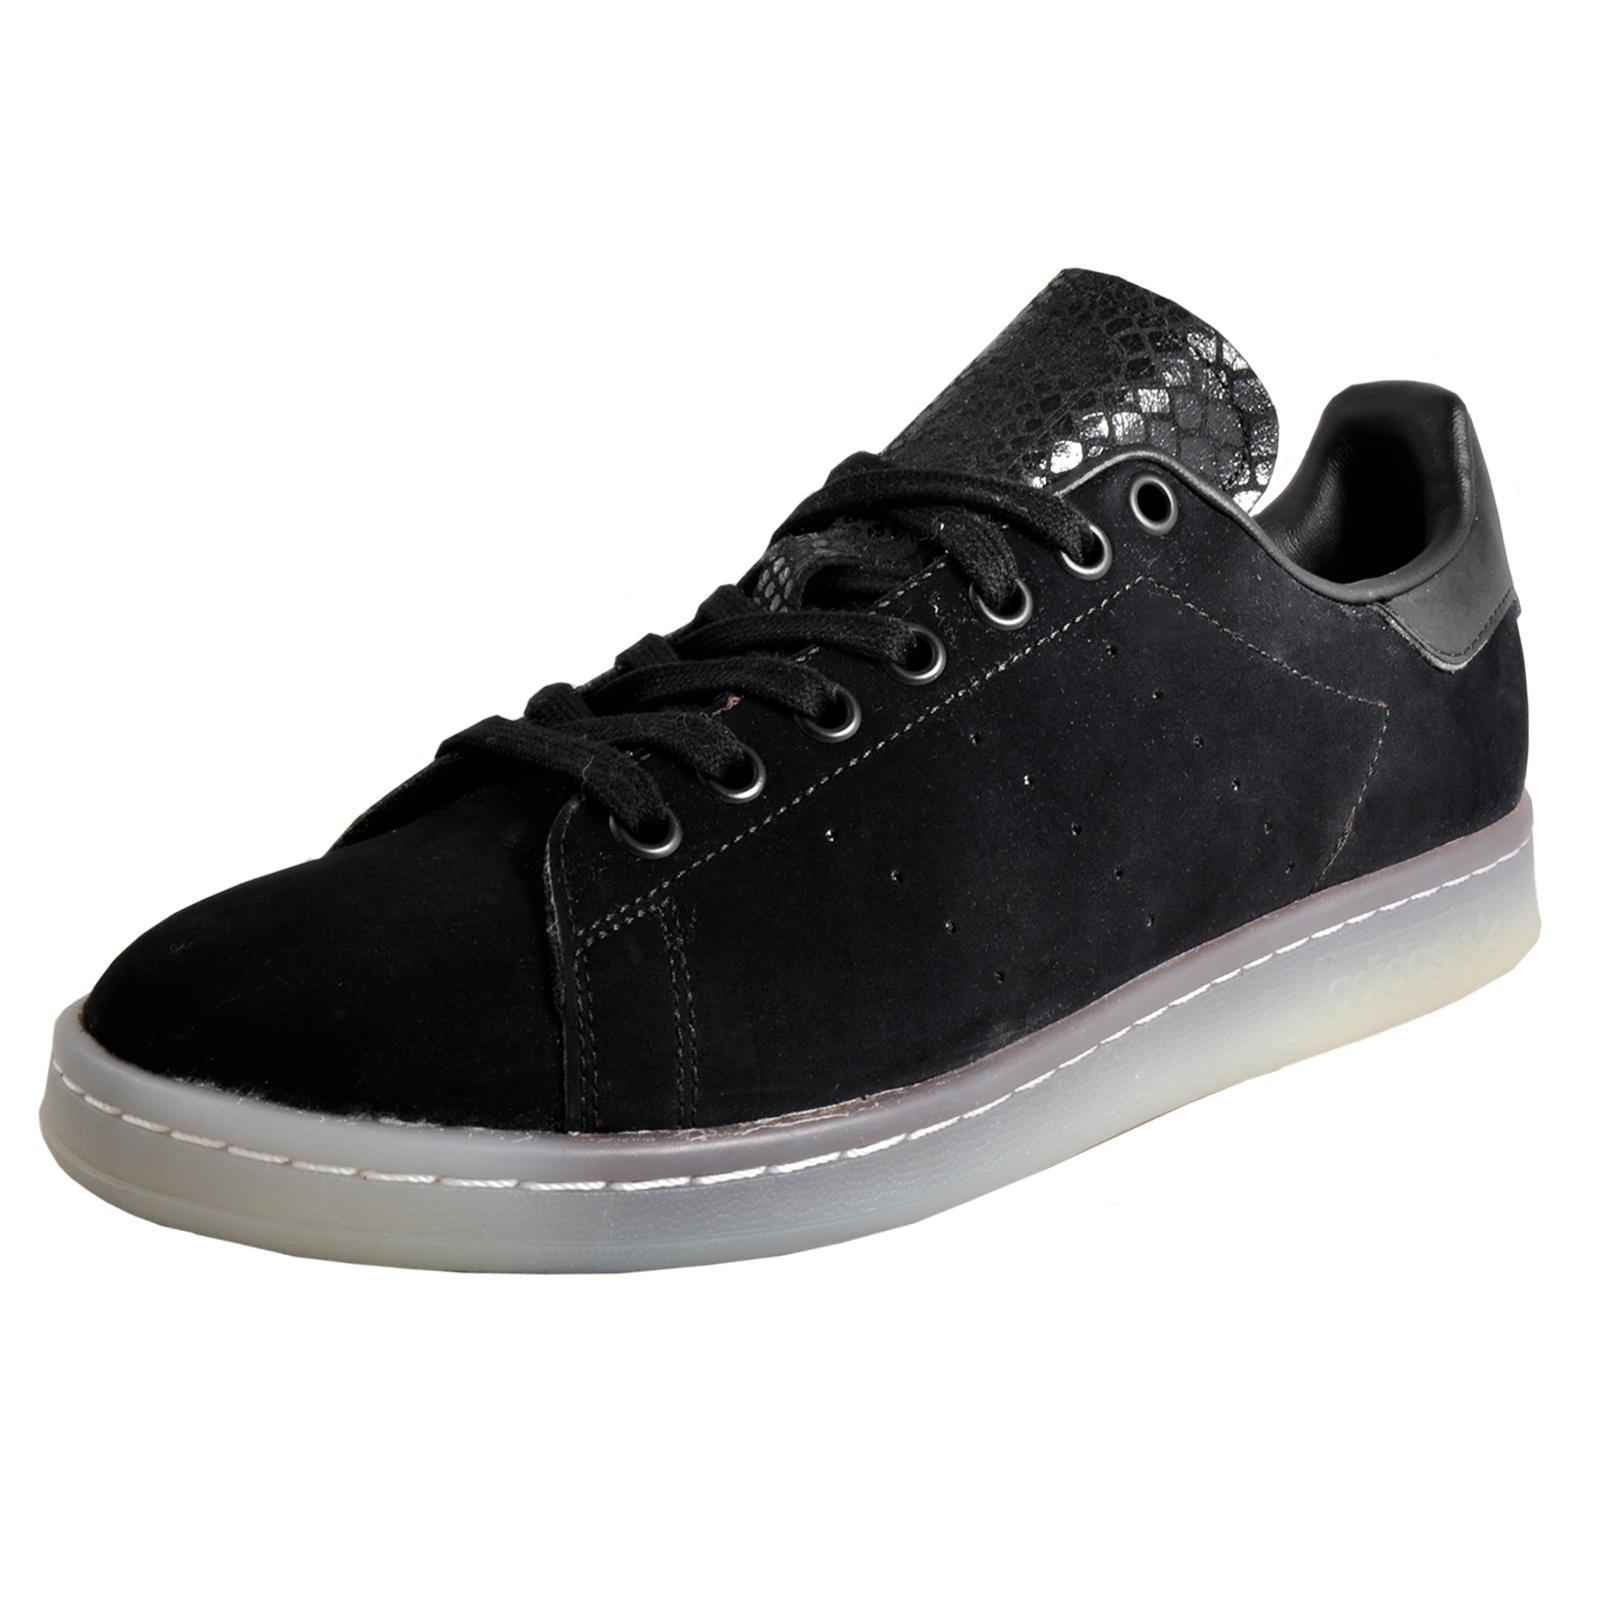 sale retailer 6a780 c044a Adidas Originals Stan Smith Mens Classic Casual Retro Trainers B Grade Black